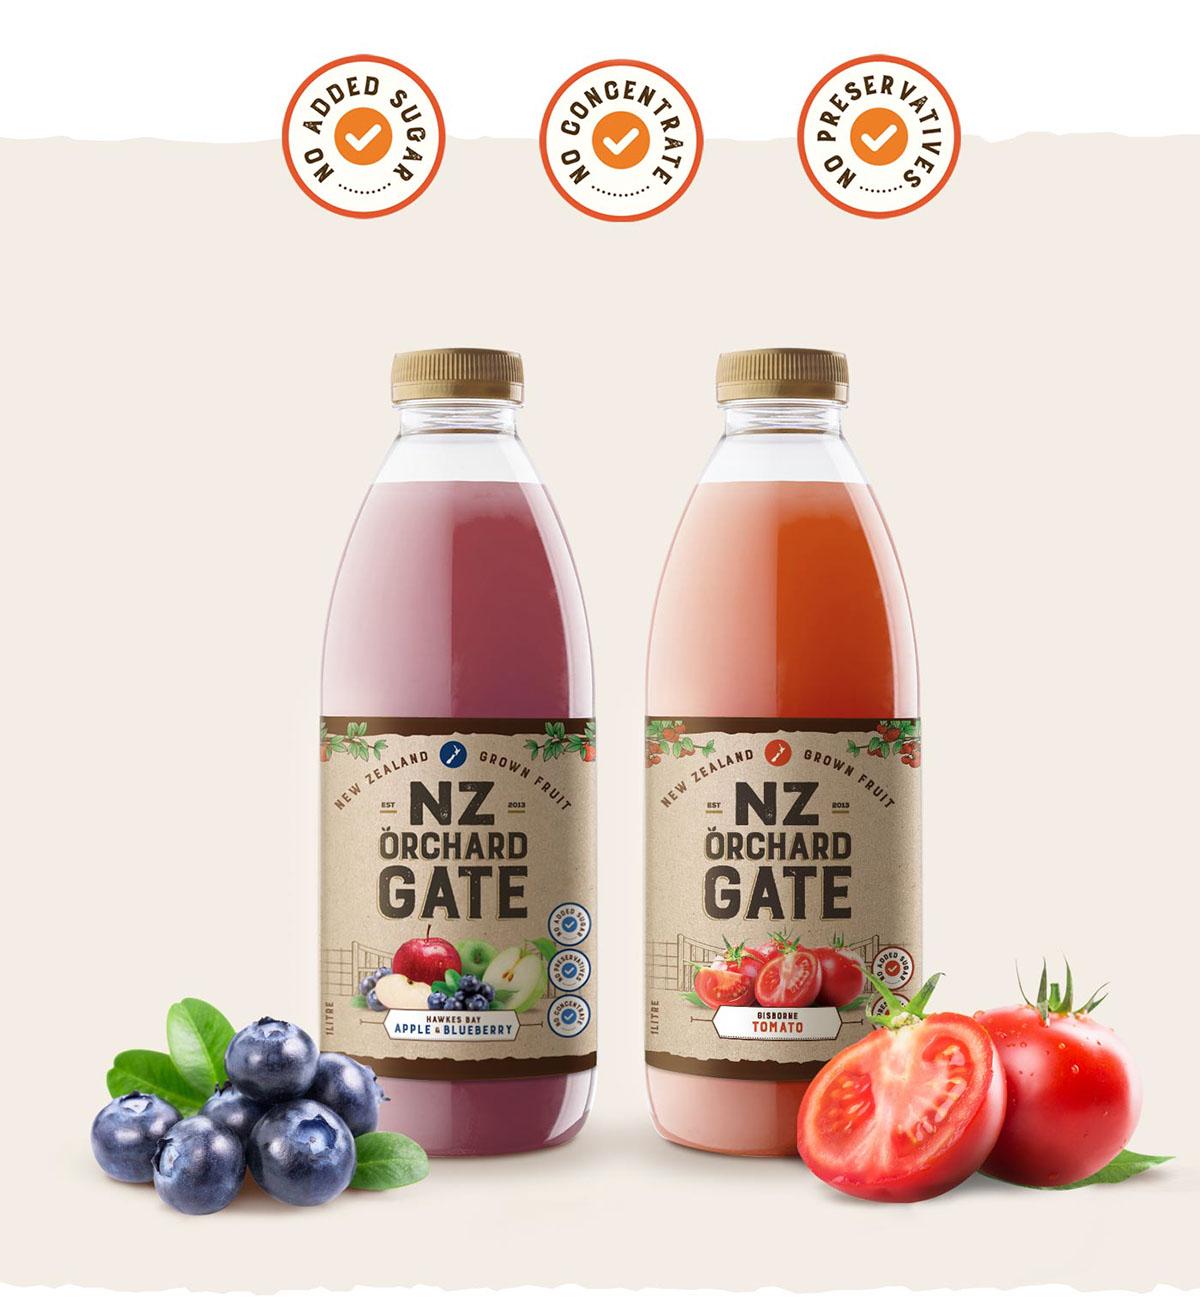 NZ Orchard Gate Juice - Rebranding & Packaging